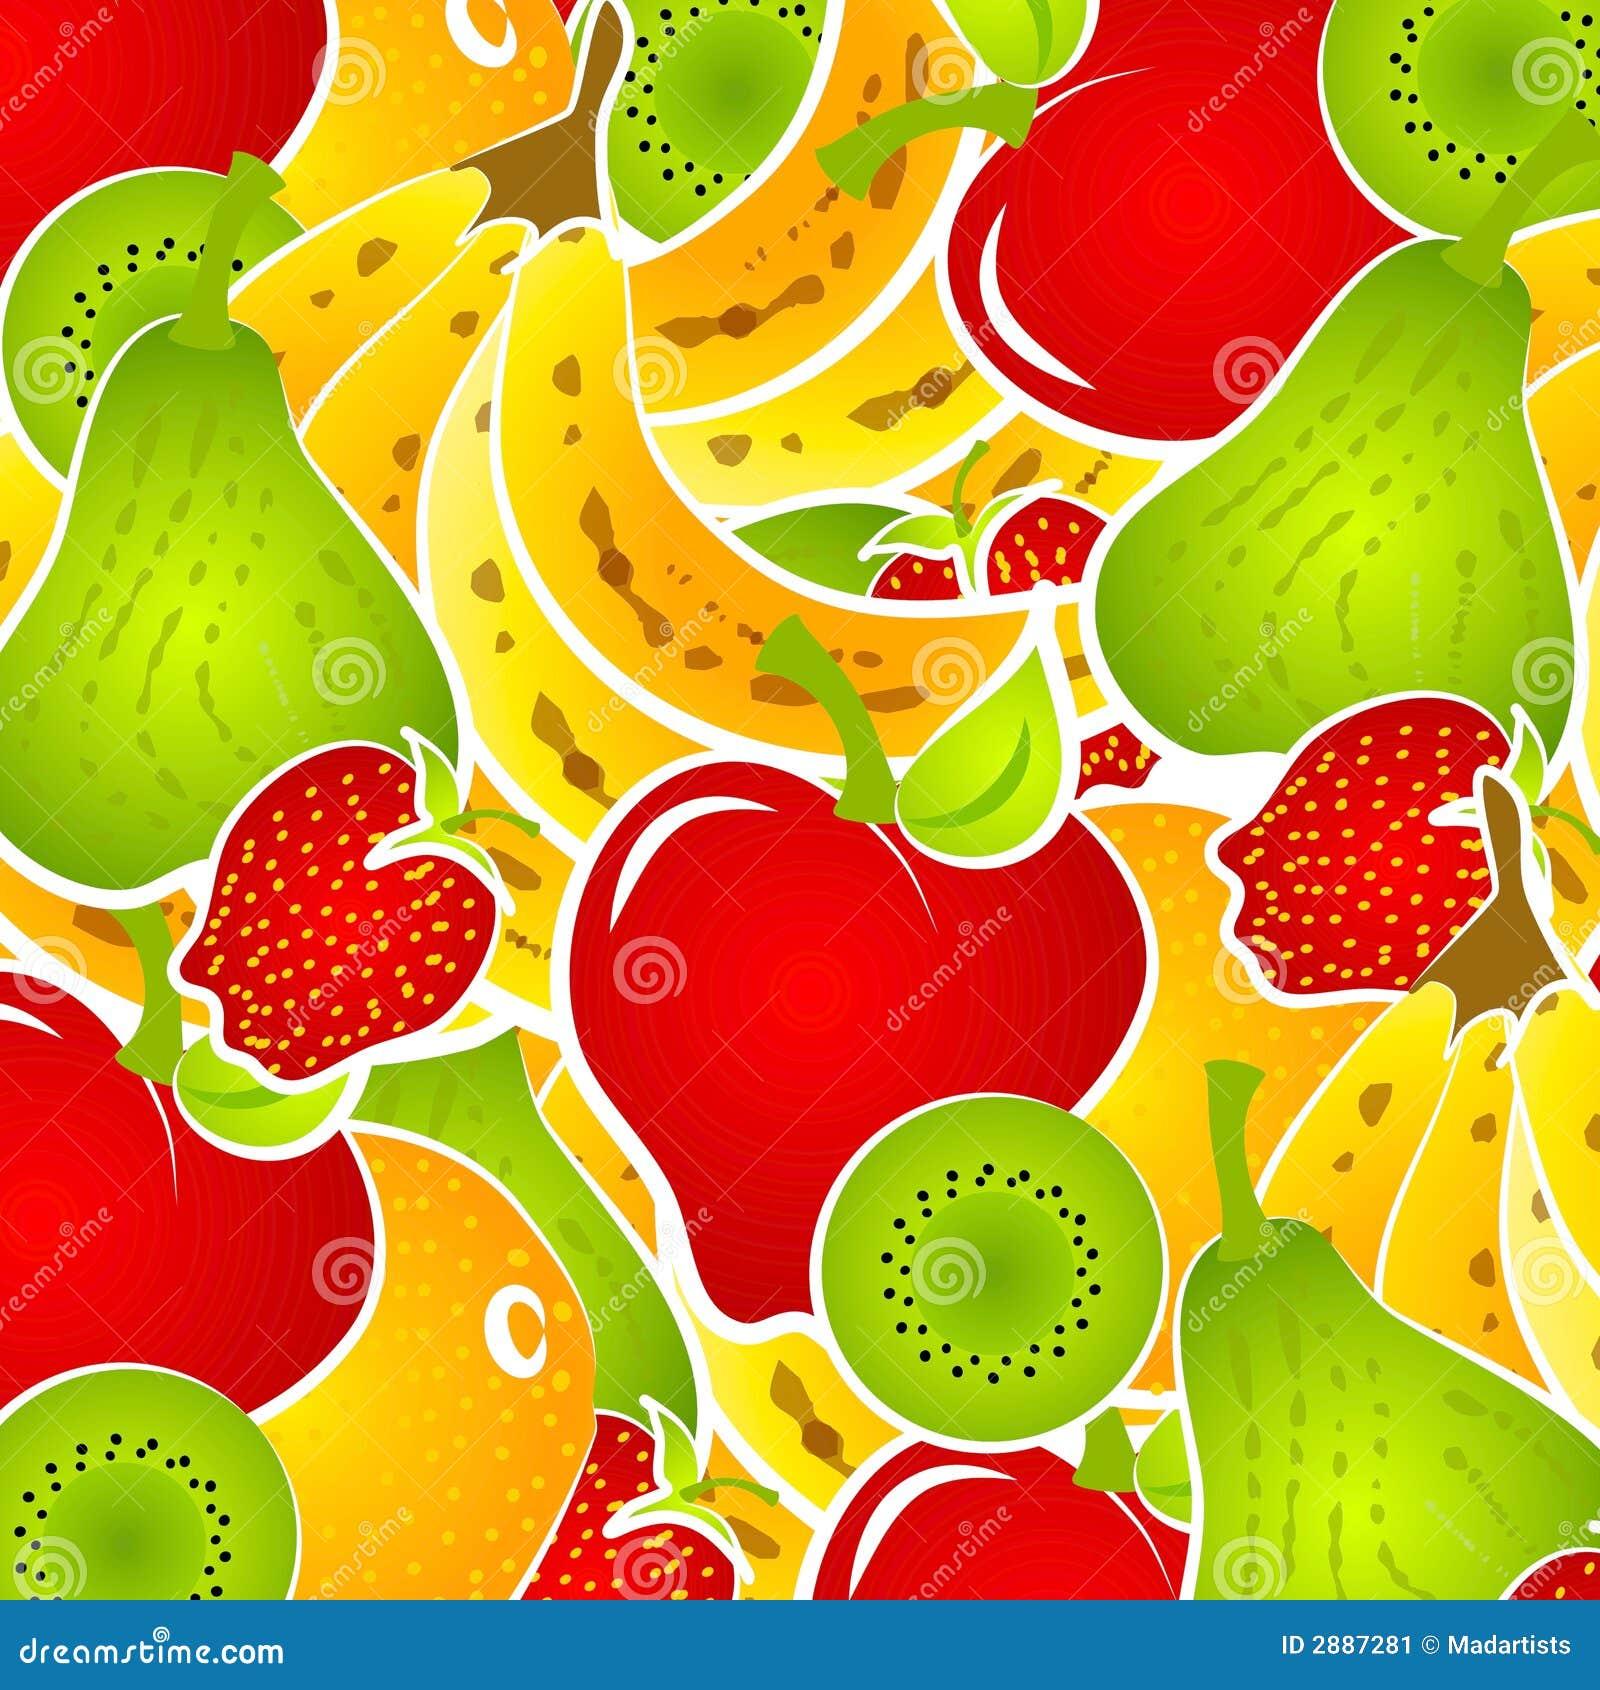 Fruit Salad Food Background